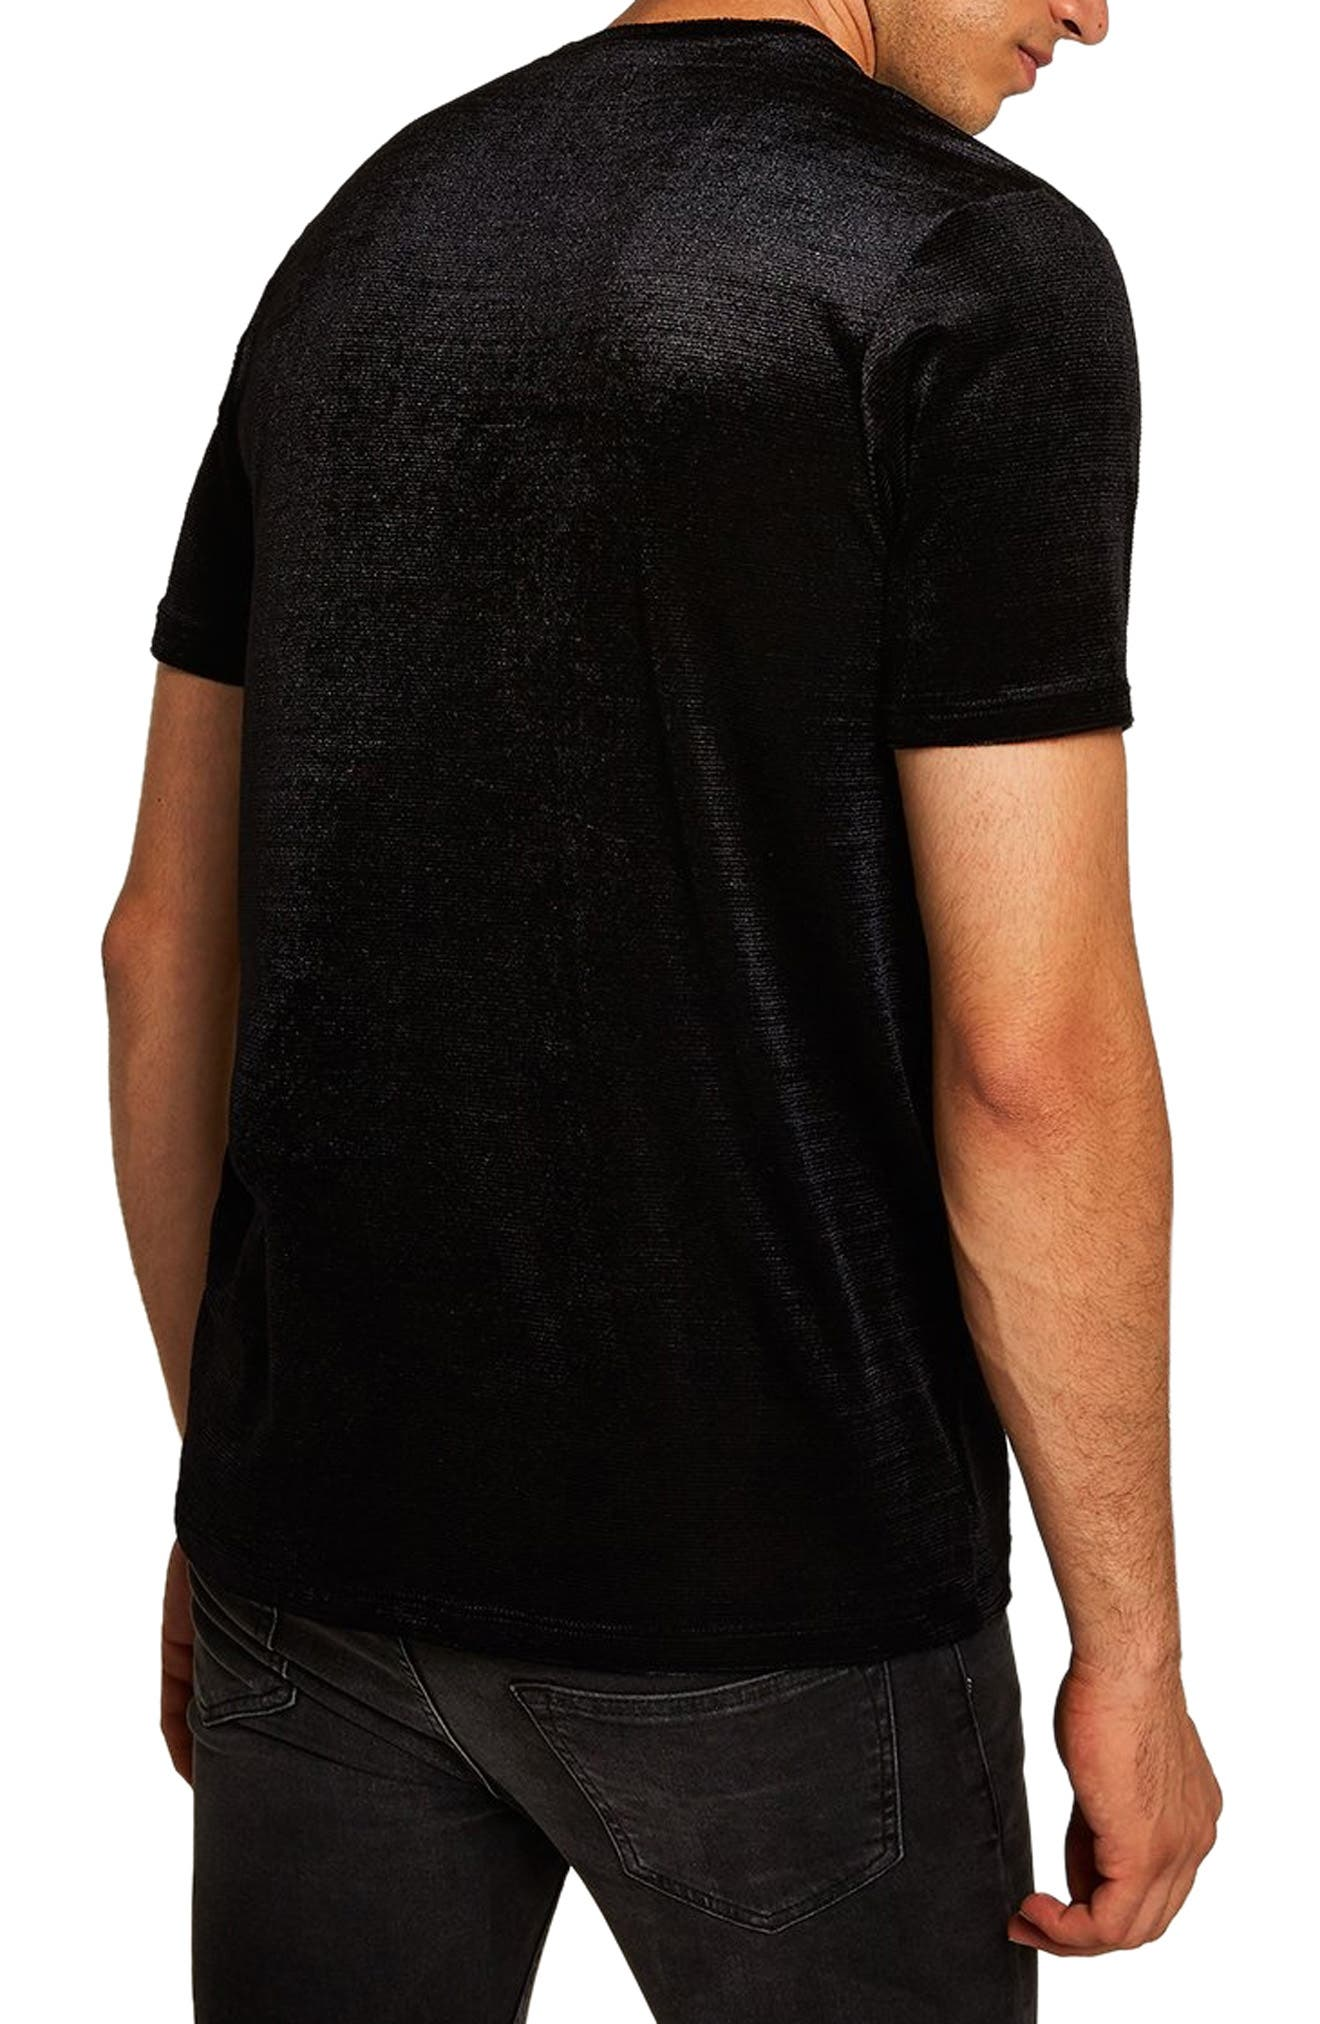 Topshop Velour Classic Fit T-Shirt,                             Alternate thumbnail 2, color,                             BLACK